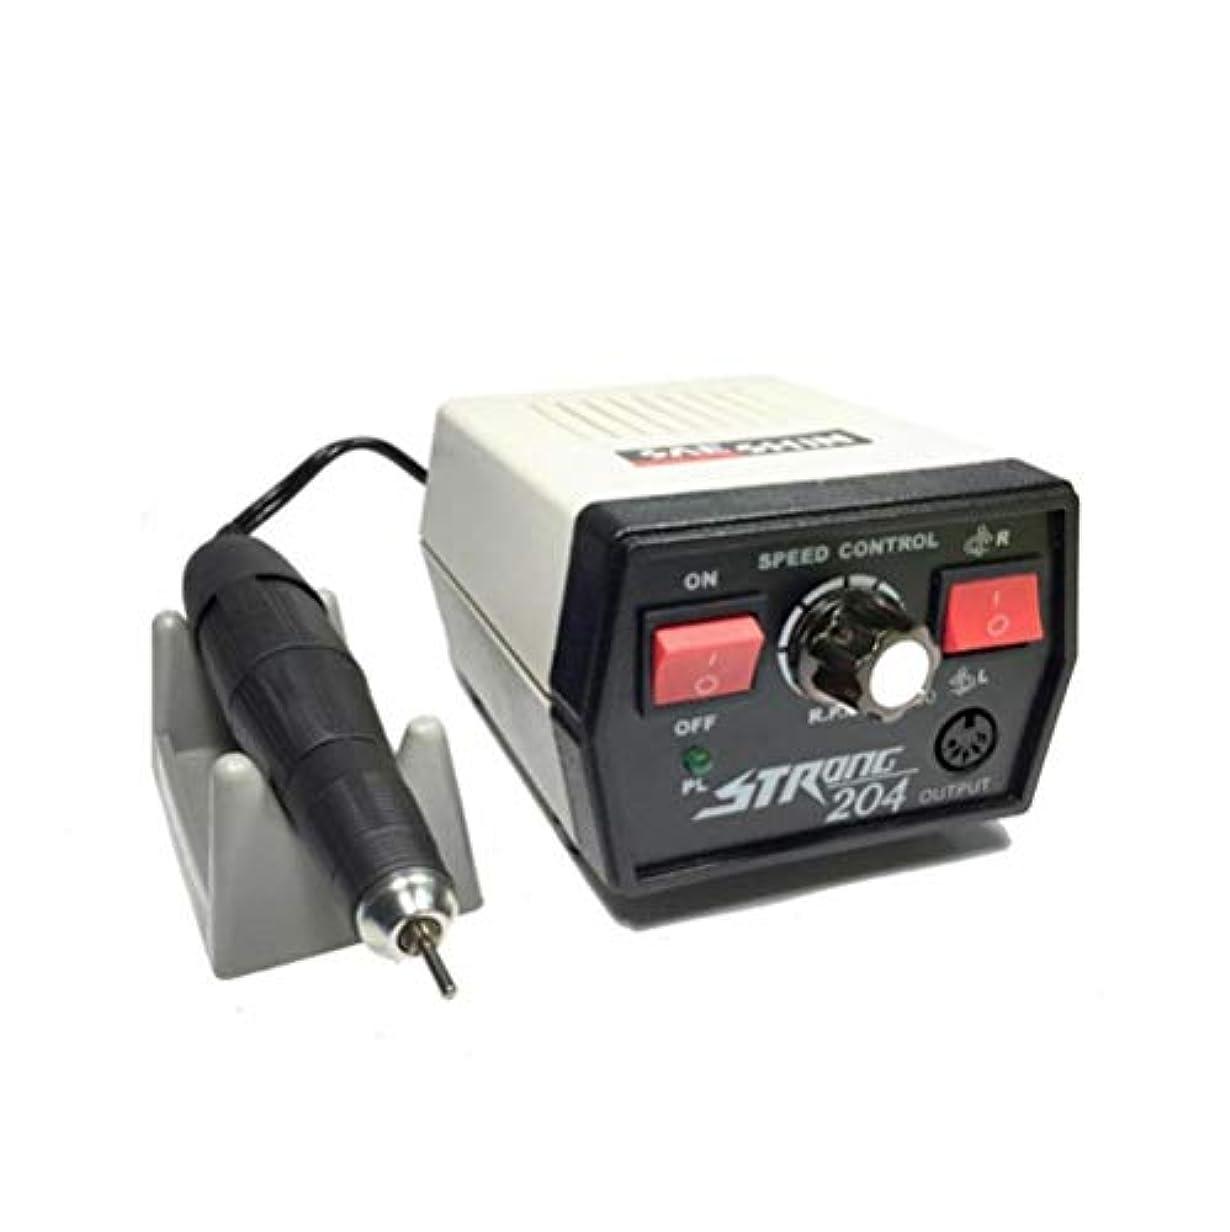 啓発する影響力のある親密な35000 rpm電動ネイルドリルネイルアート機器マニキュアペディキュアマシンネイルファイルネイルポリッシャードリルビットアクセサリー